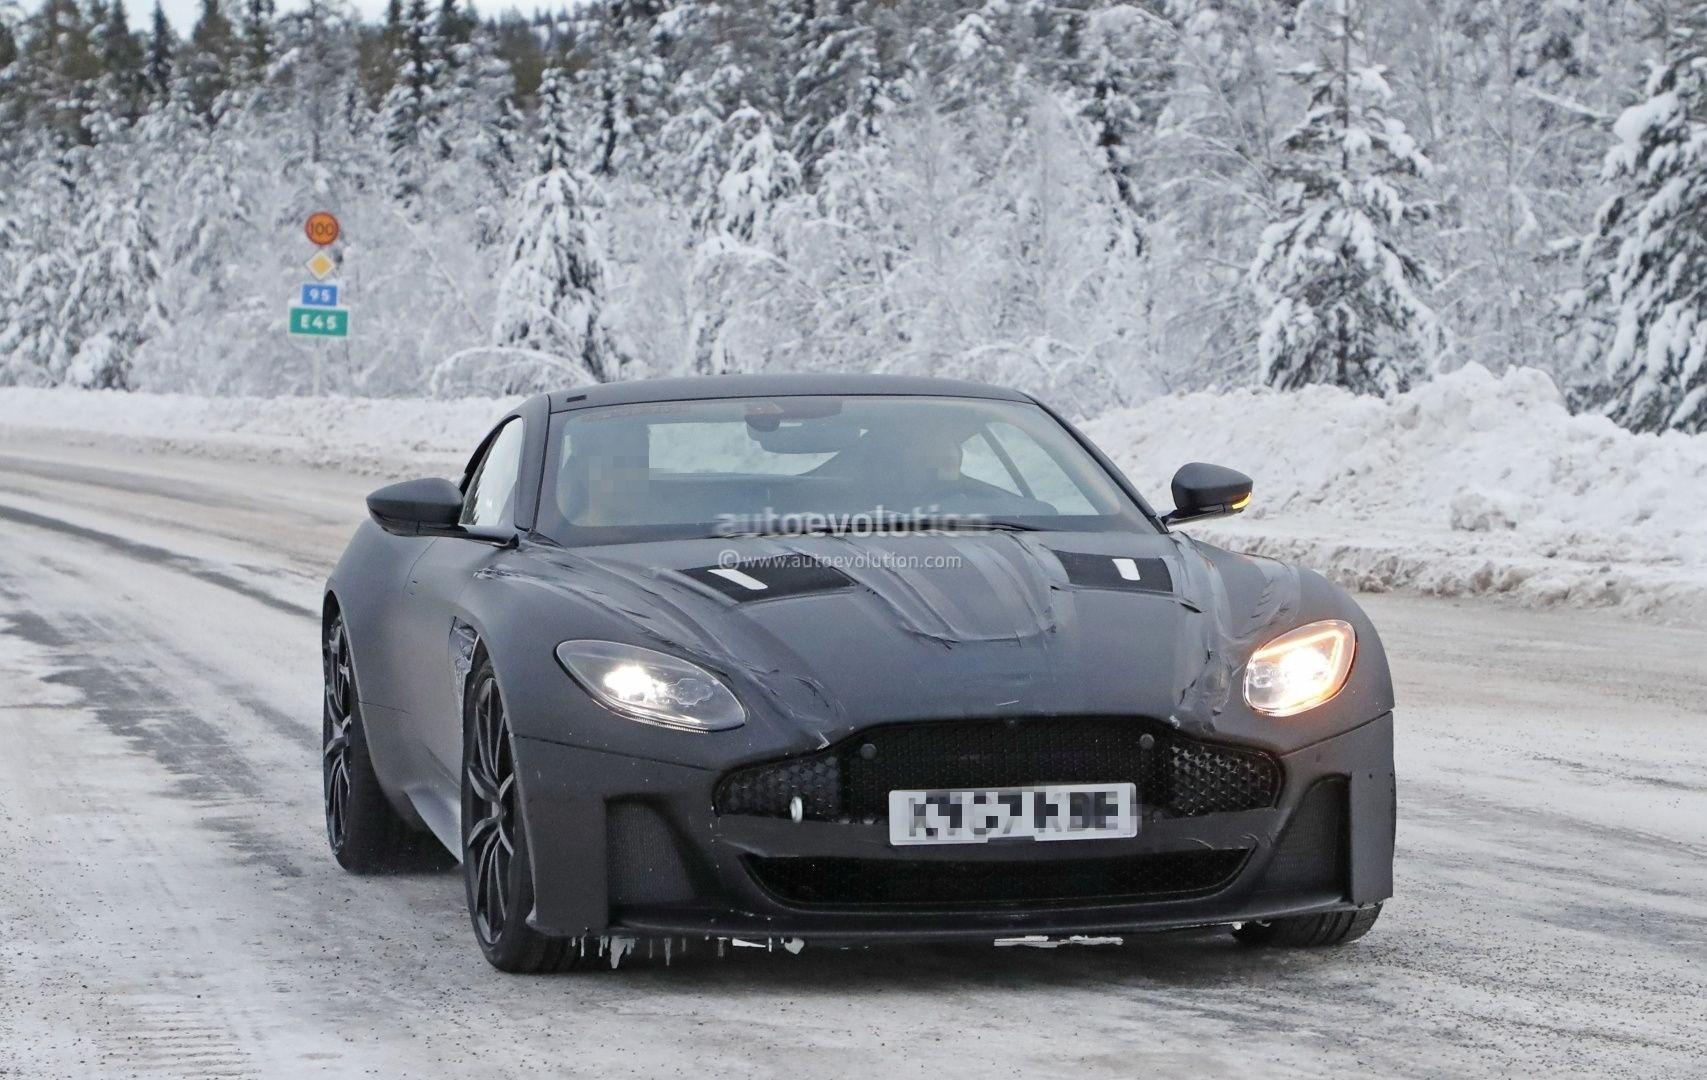 2019 Aston Martin Vanquish Spied 2019 Aston Martin Vanquish Spied ...